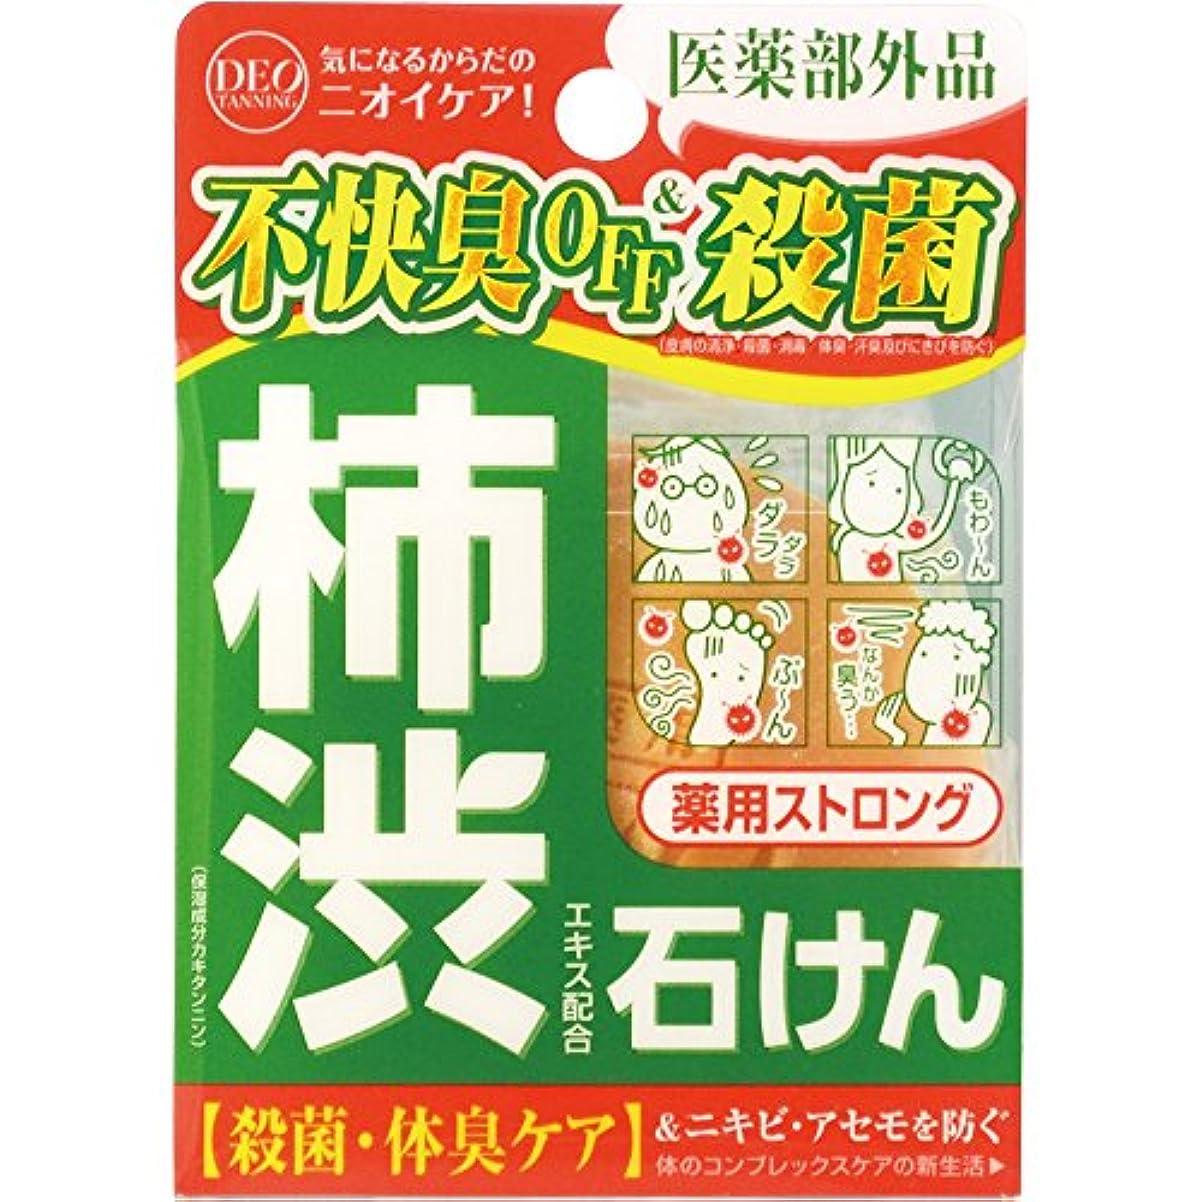 輸血天才列挙するデオタンニング 薬用ストロング ソープ 100g (医薬部外品)